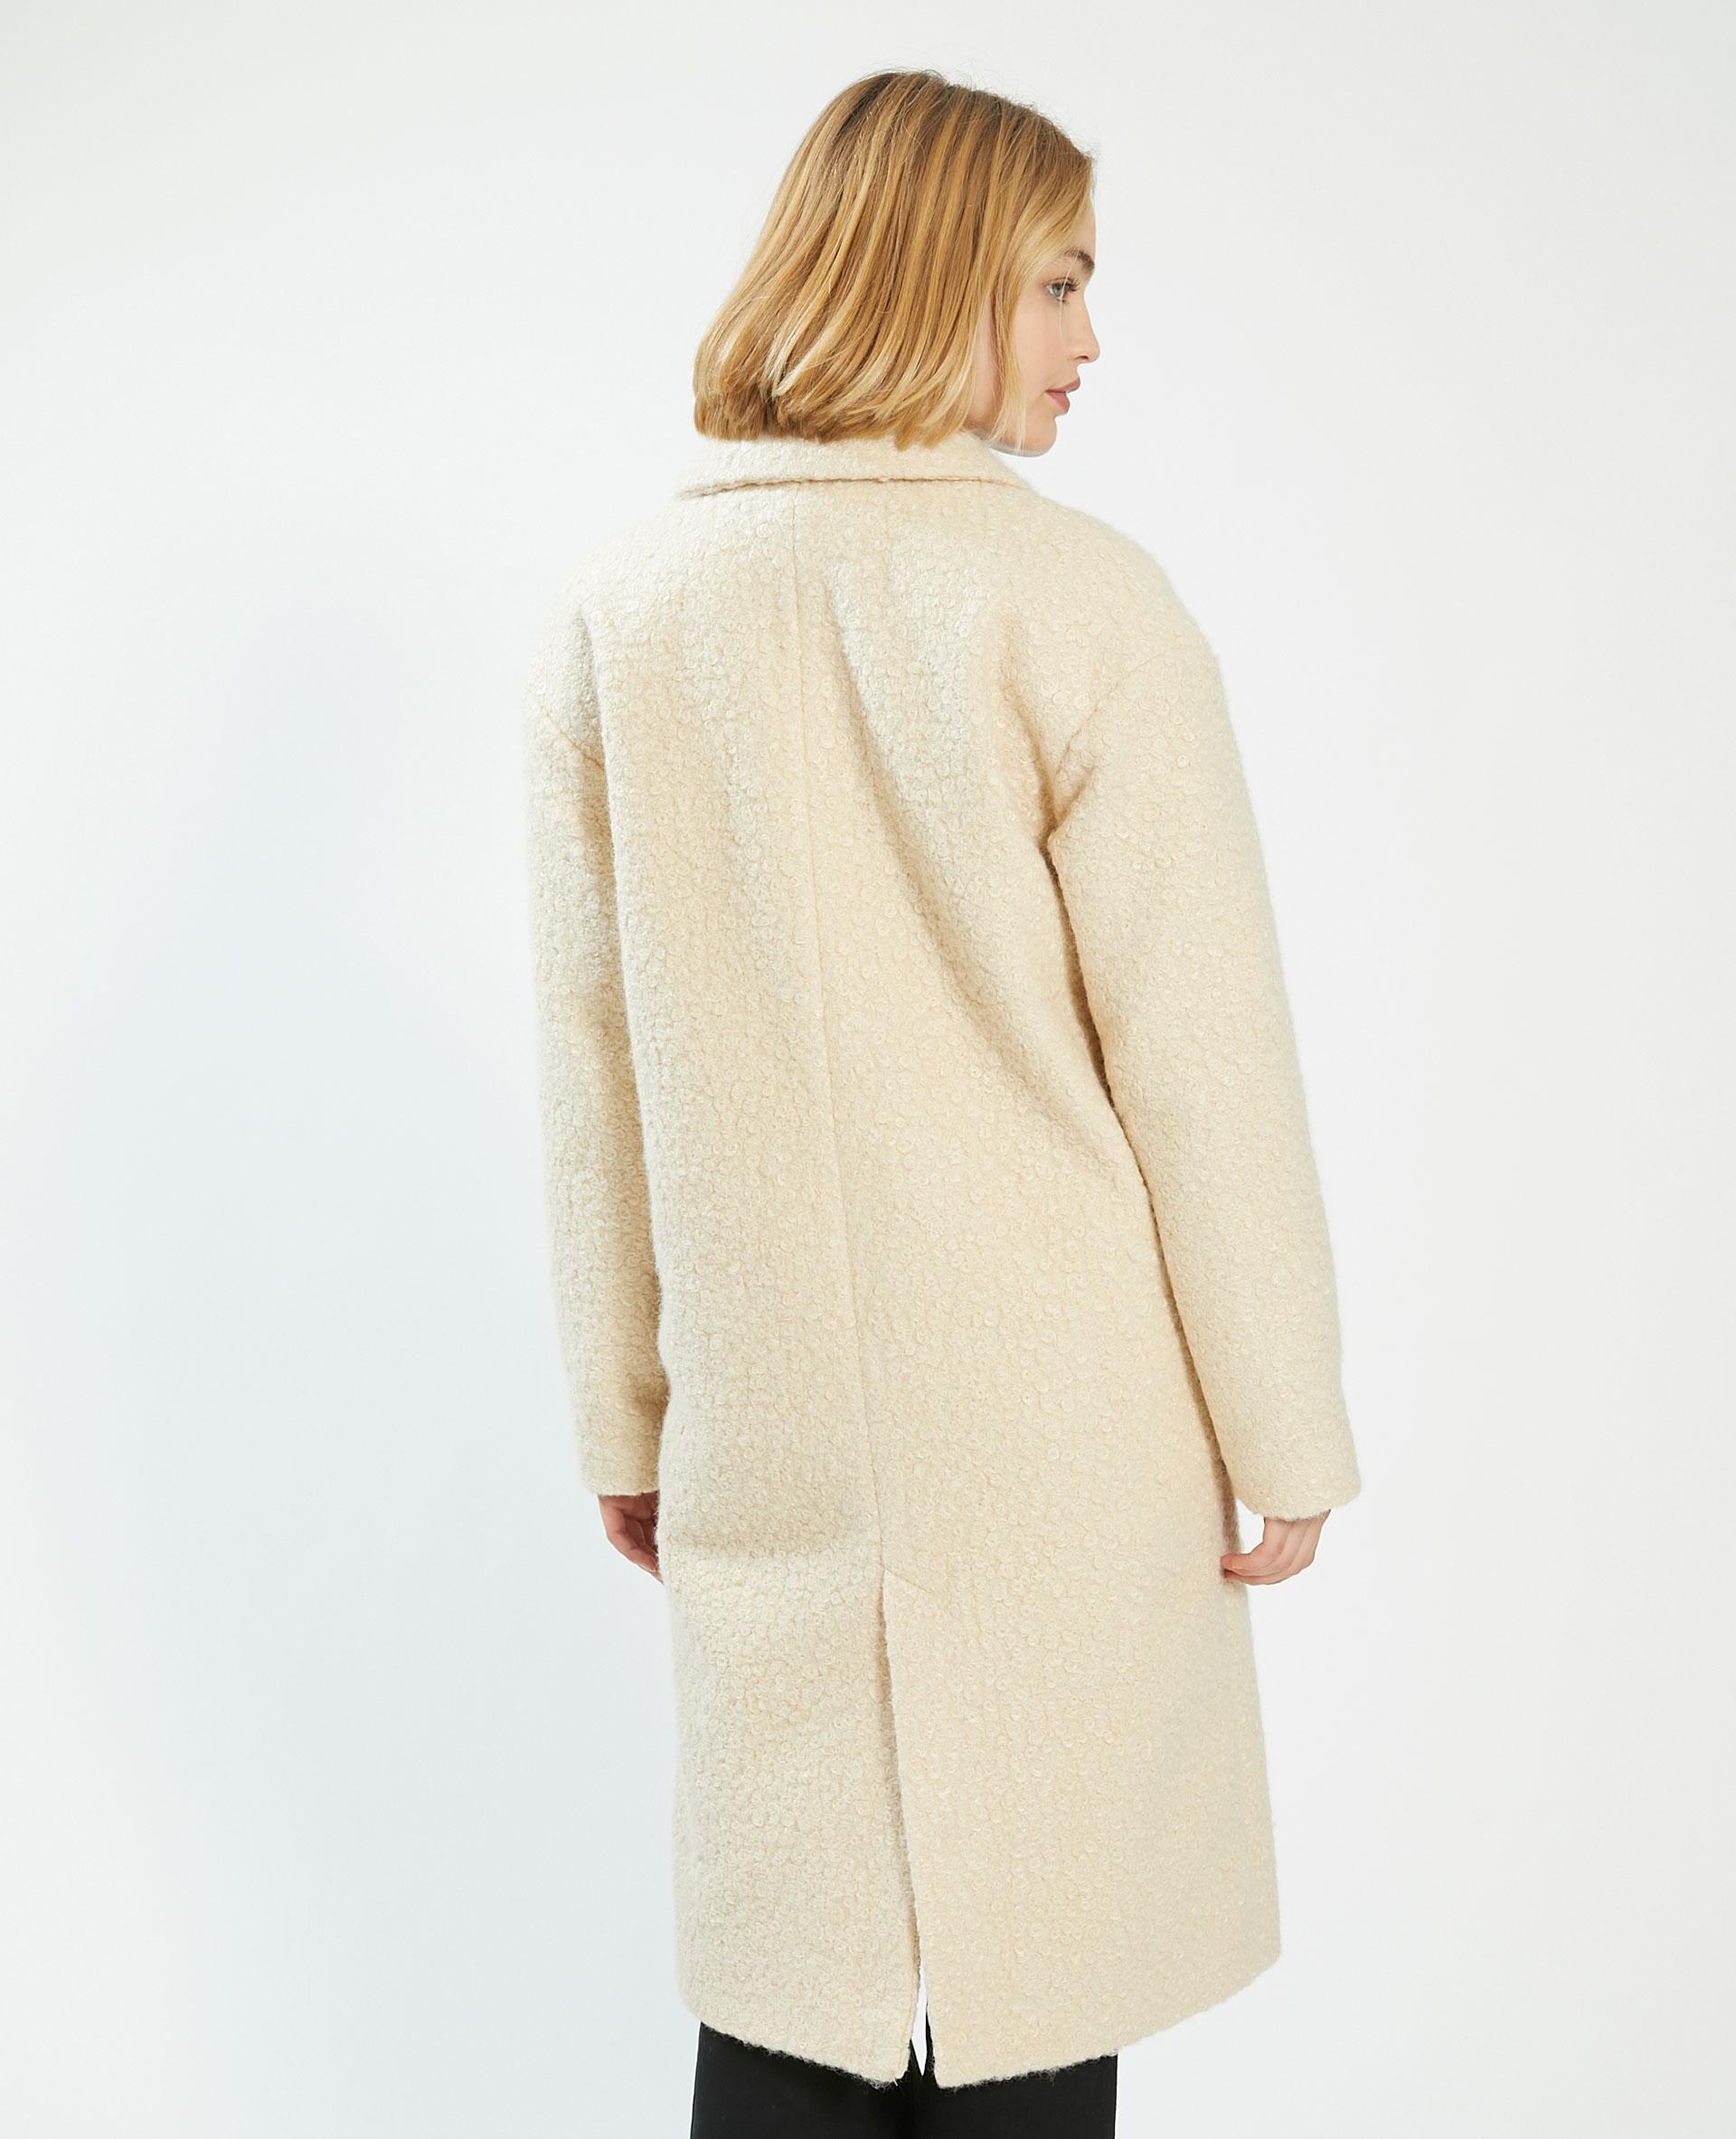 Manteau long bouclettes beige - Pimkie